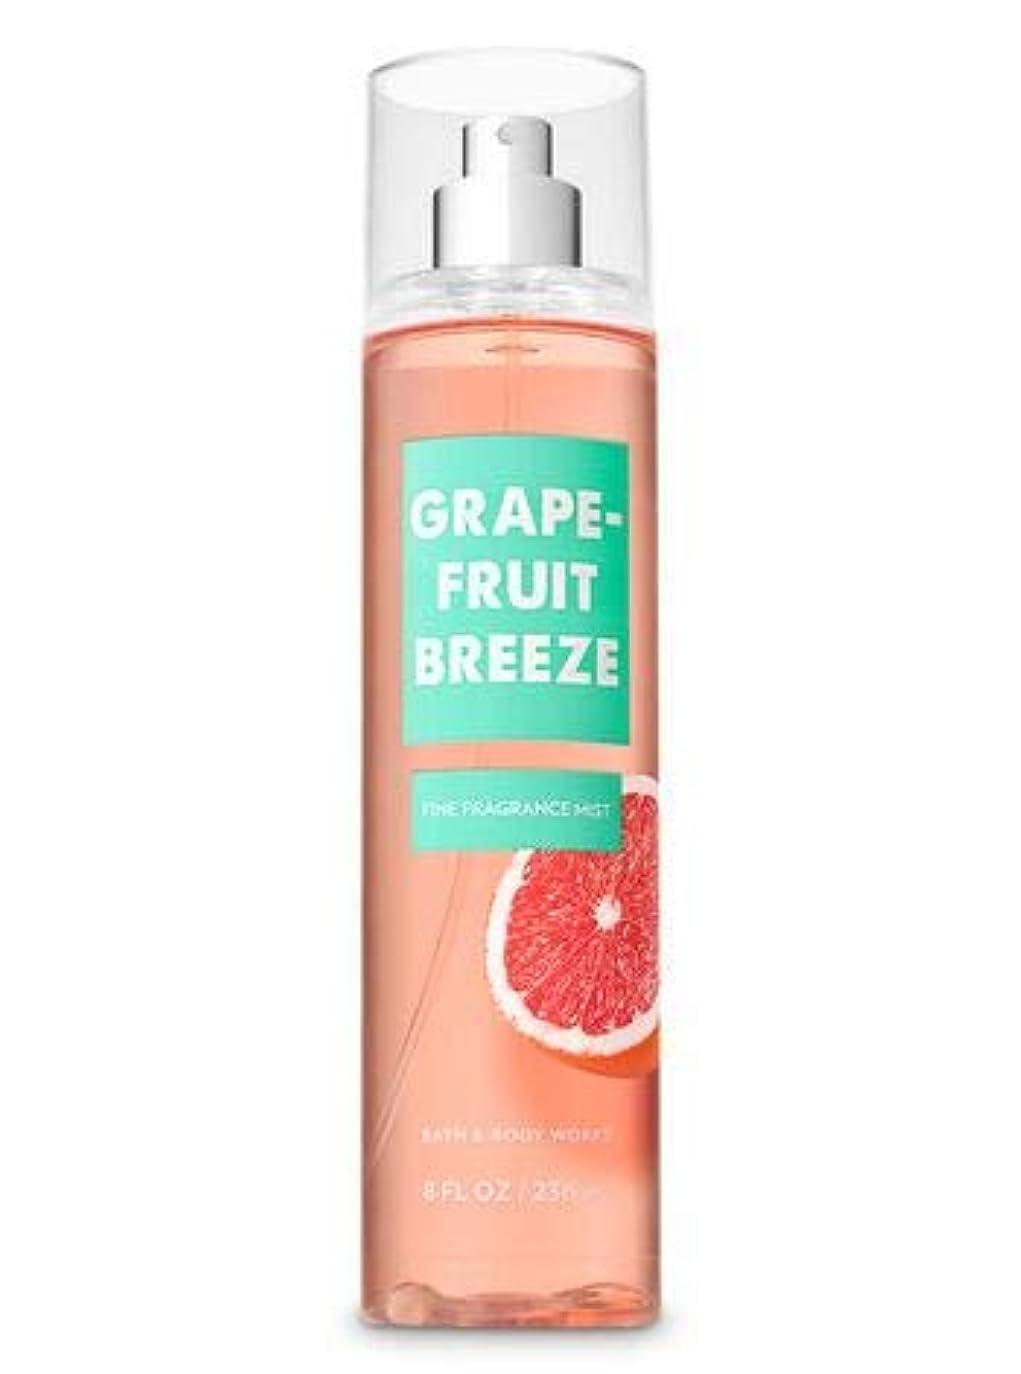 くつろぐブレス牛【Bath&Body Works/バス&ボディワークス】 ファインフレグランスミスト グレープフルーツブリーズ Fine Fragrance Mist Grapefruit Breeze 8oz (236ml) [並行輸入品]